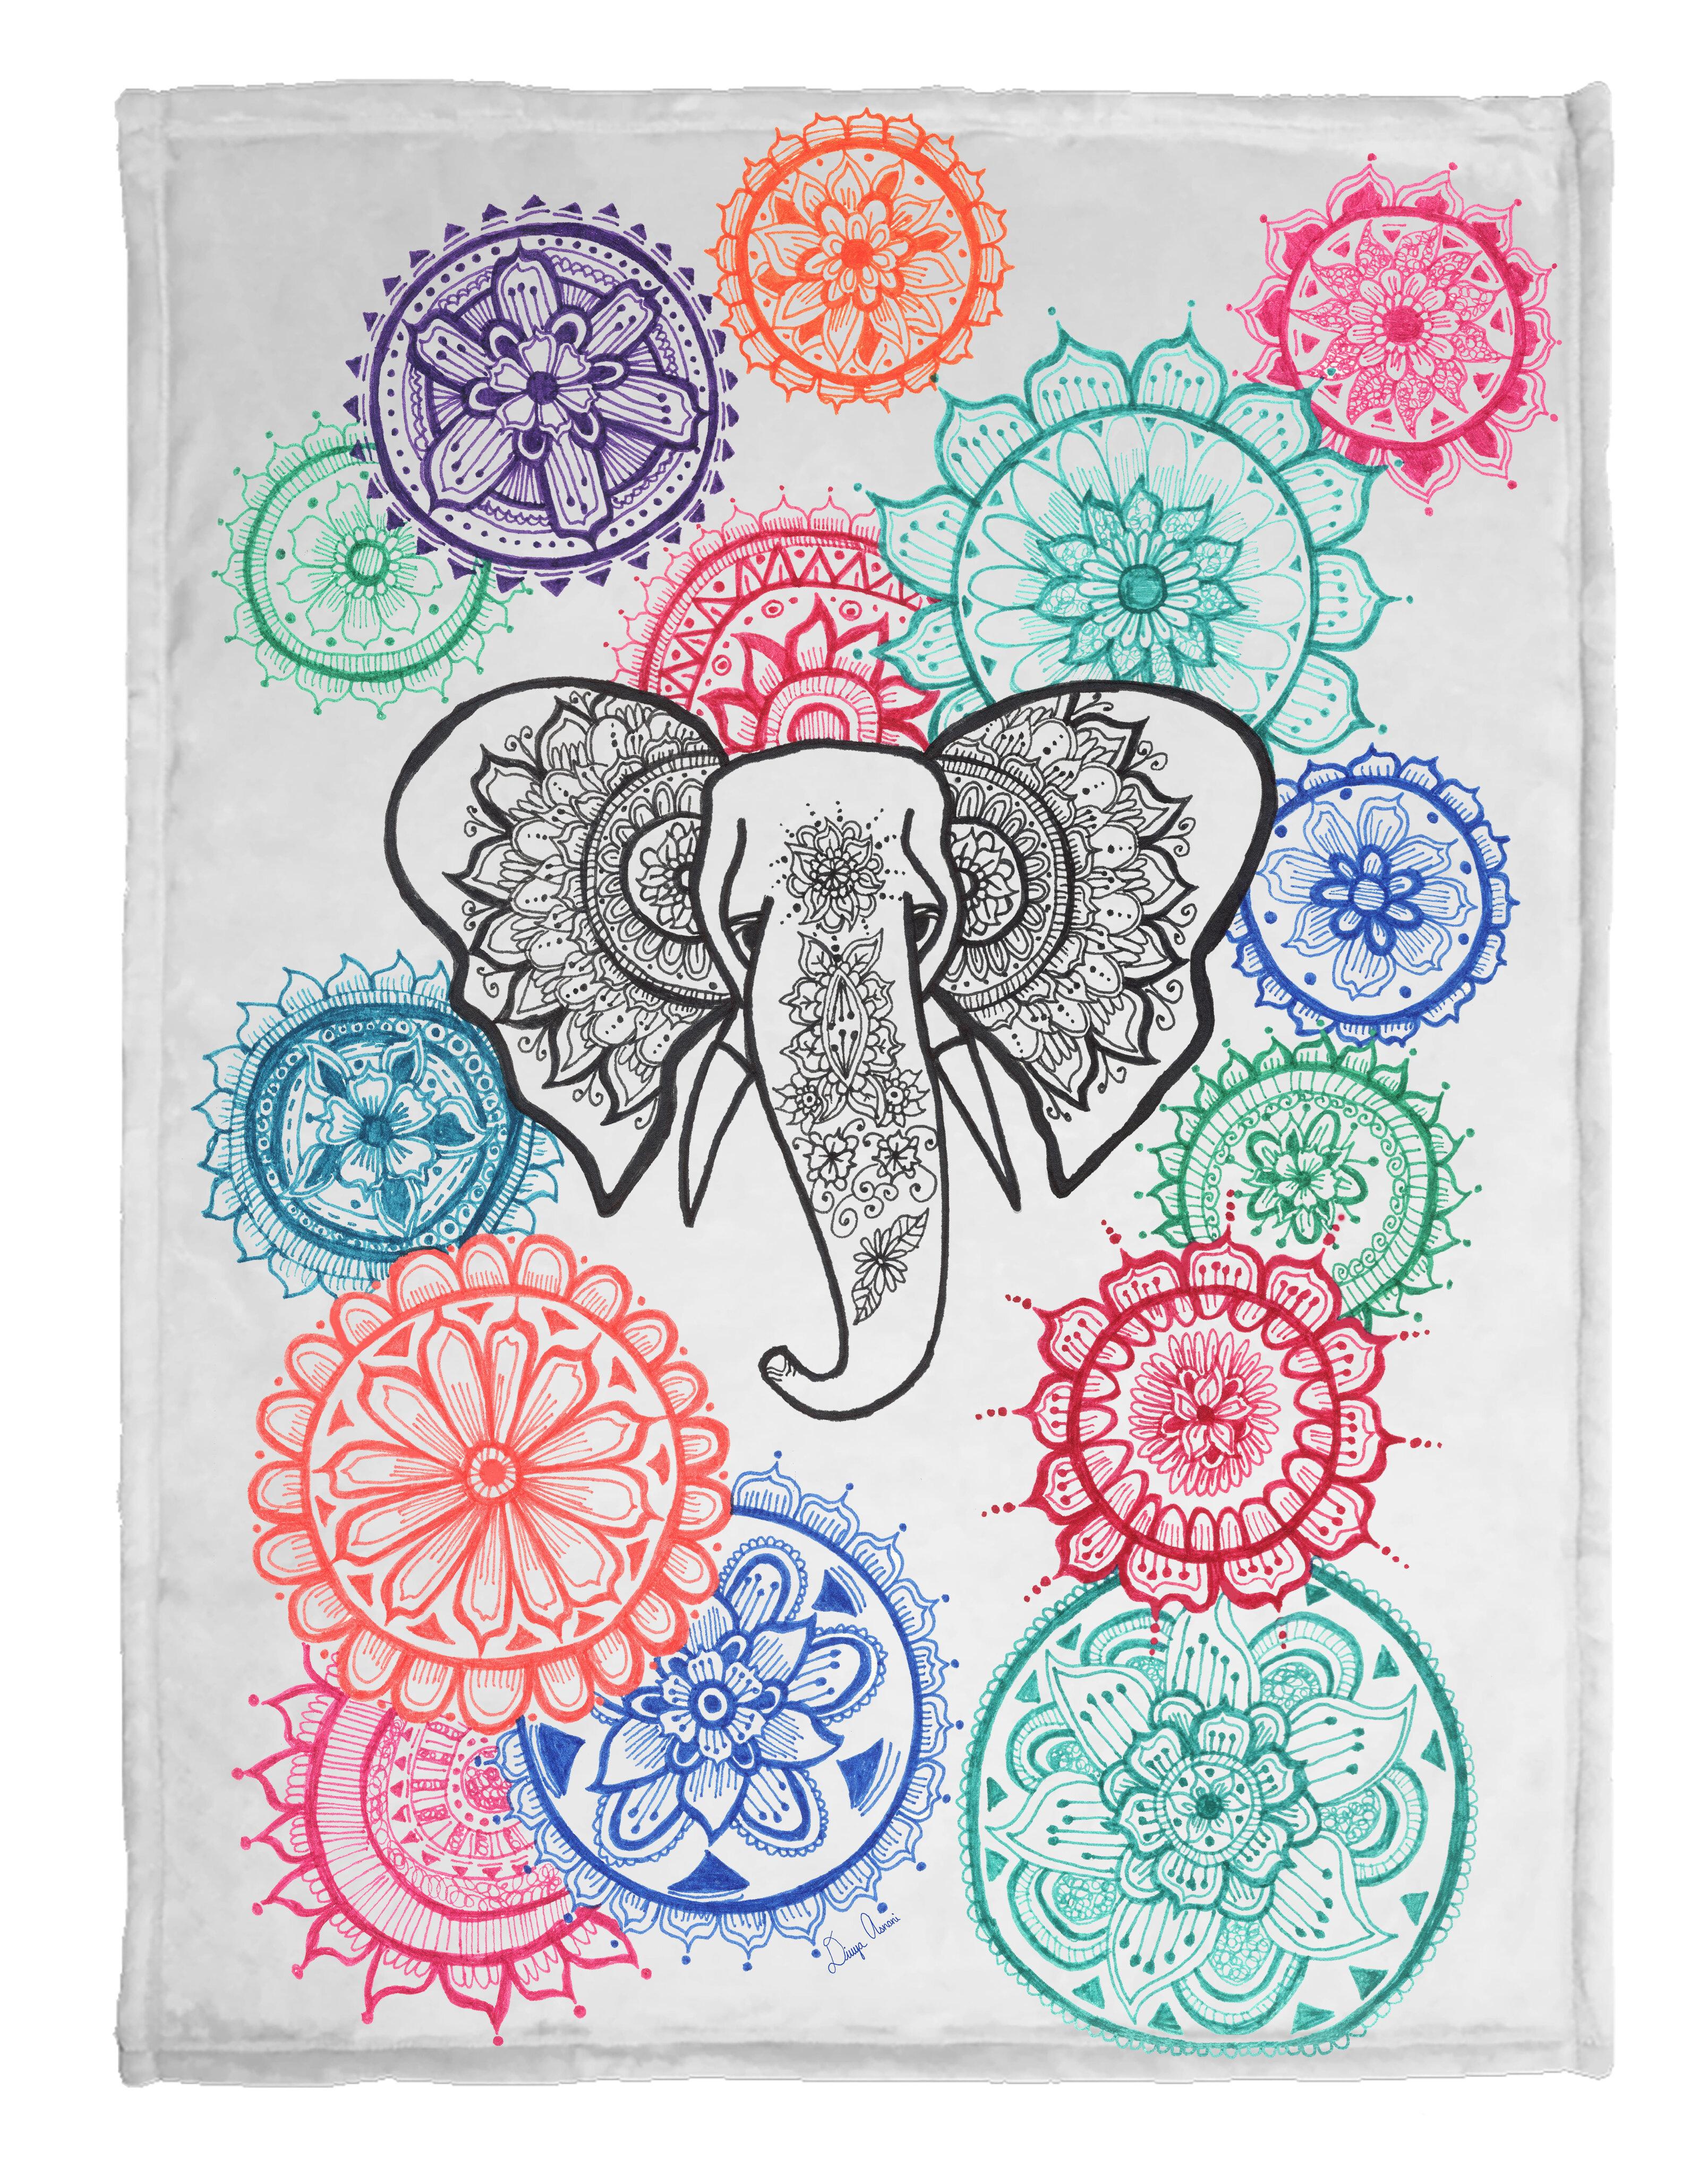 Dakota Fields Kerim Mandala Elephant Fleece Blanket Wayfair